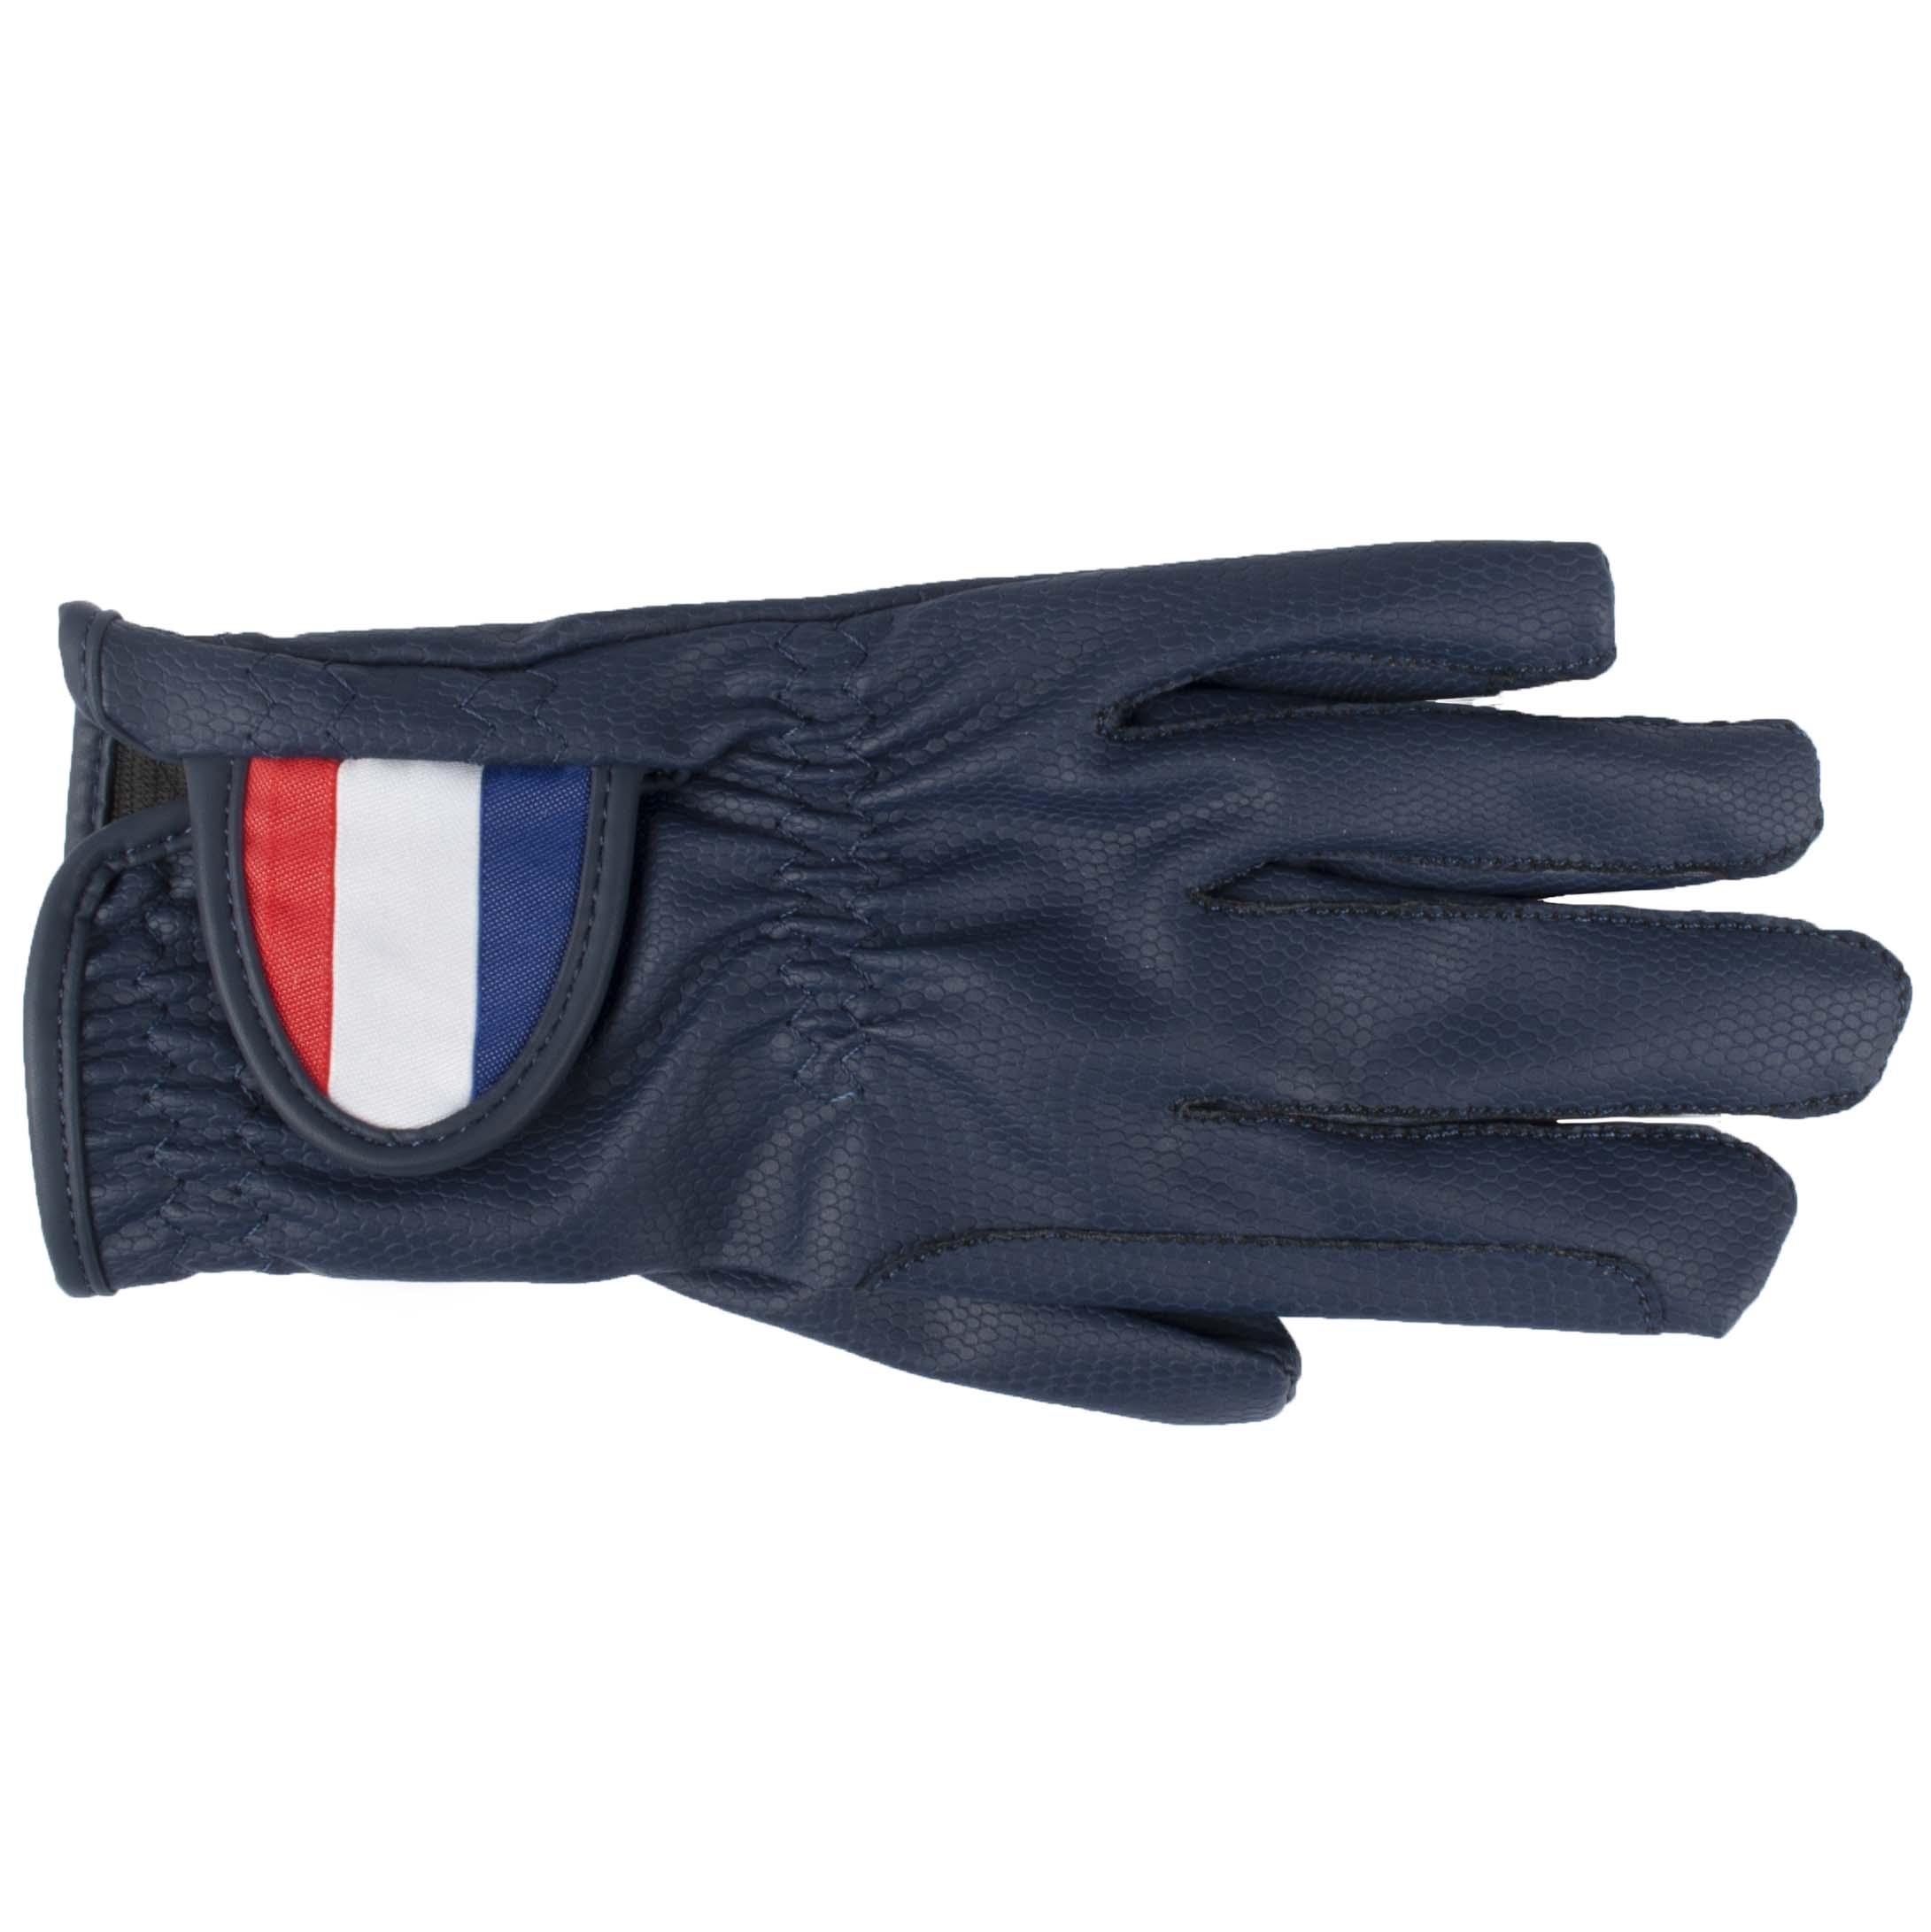 Mondoni Netherlands handschoenen donkerblauw maat:9